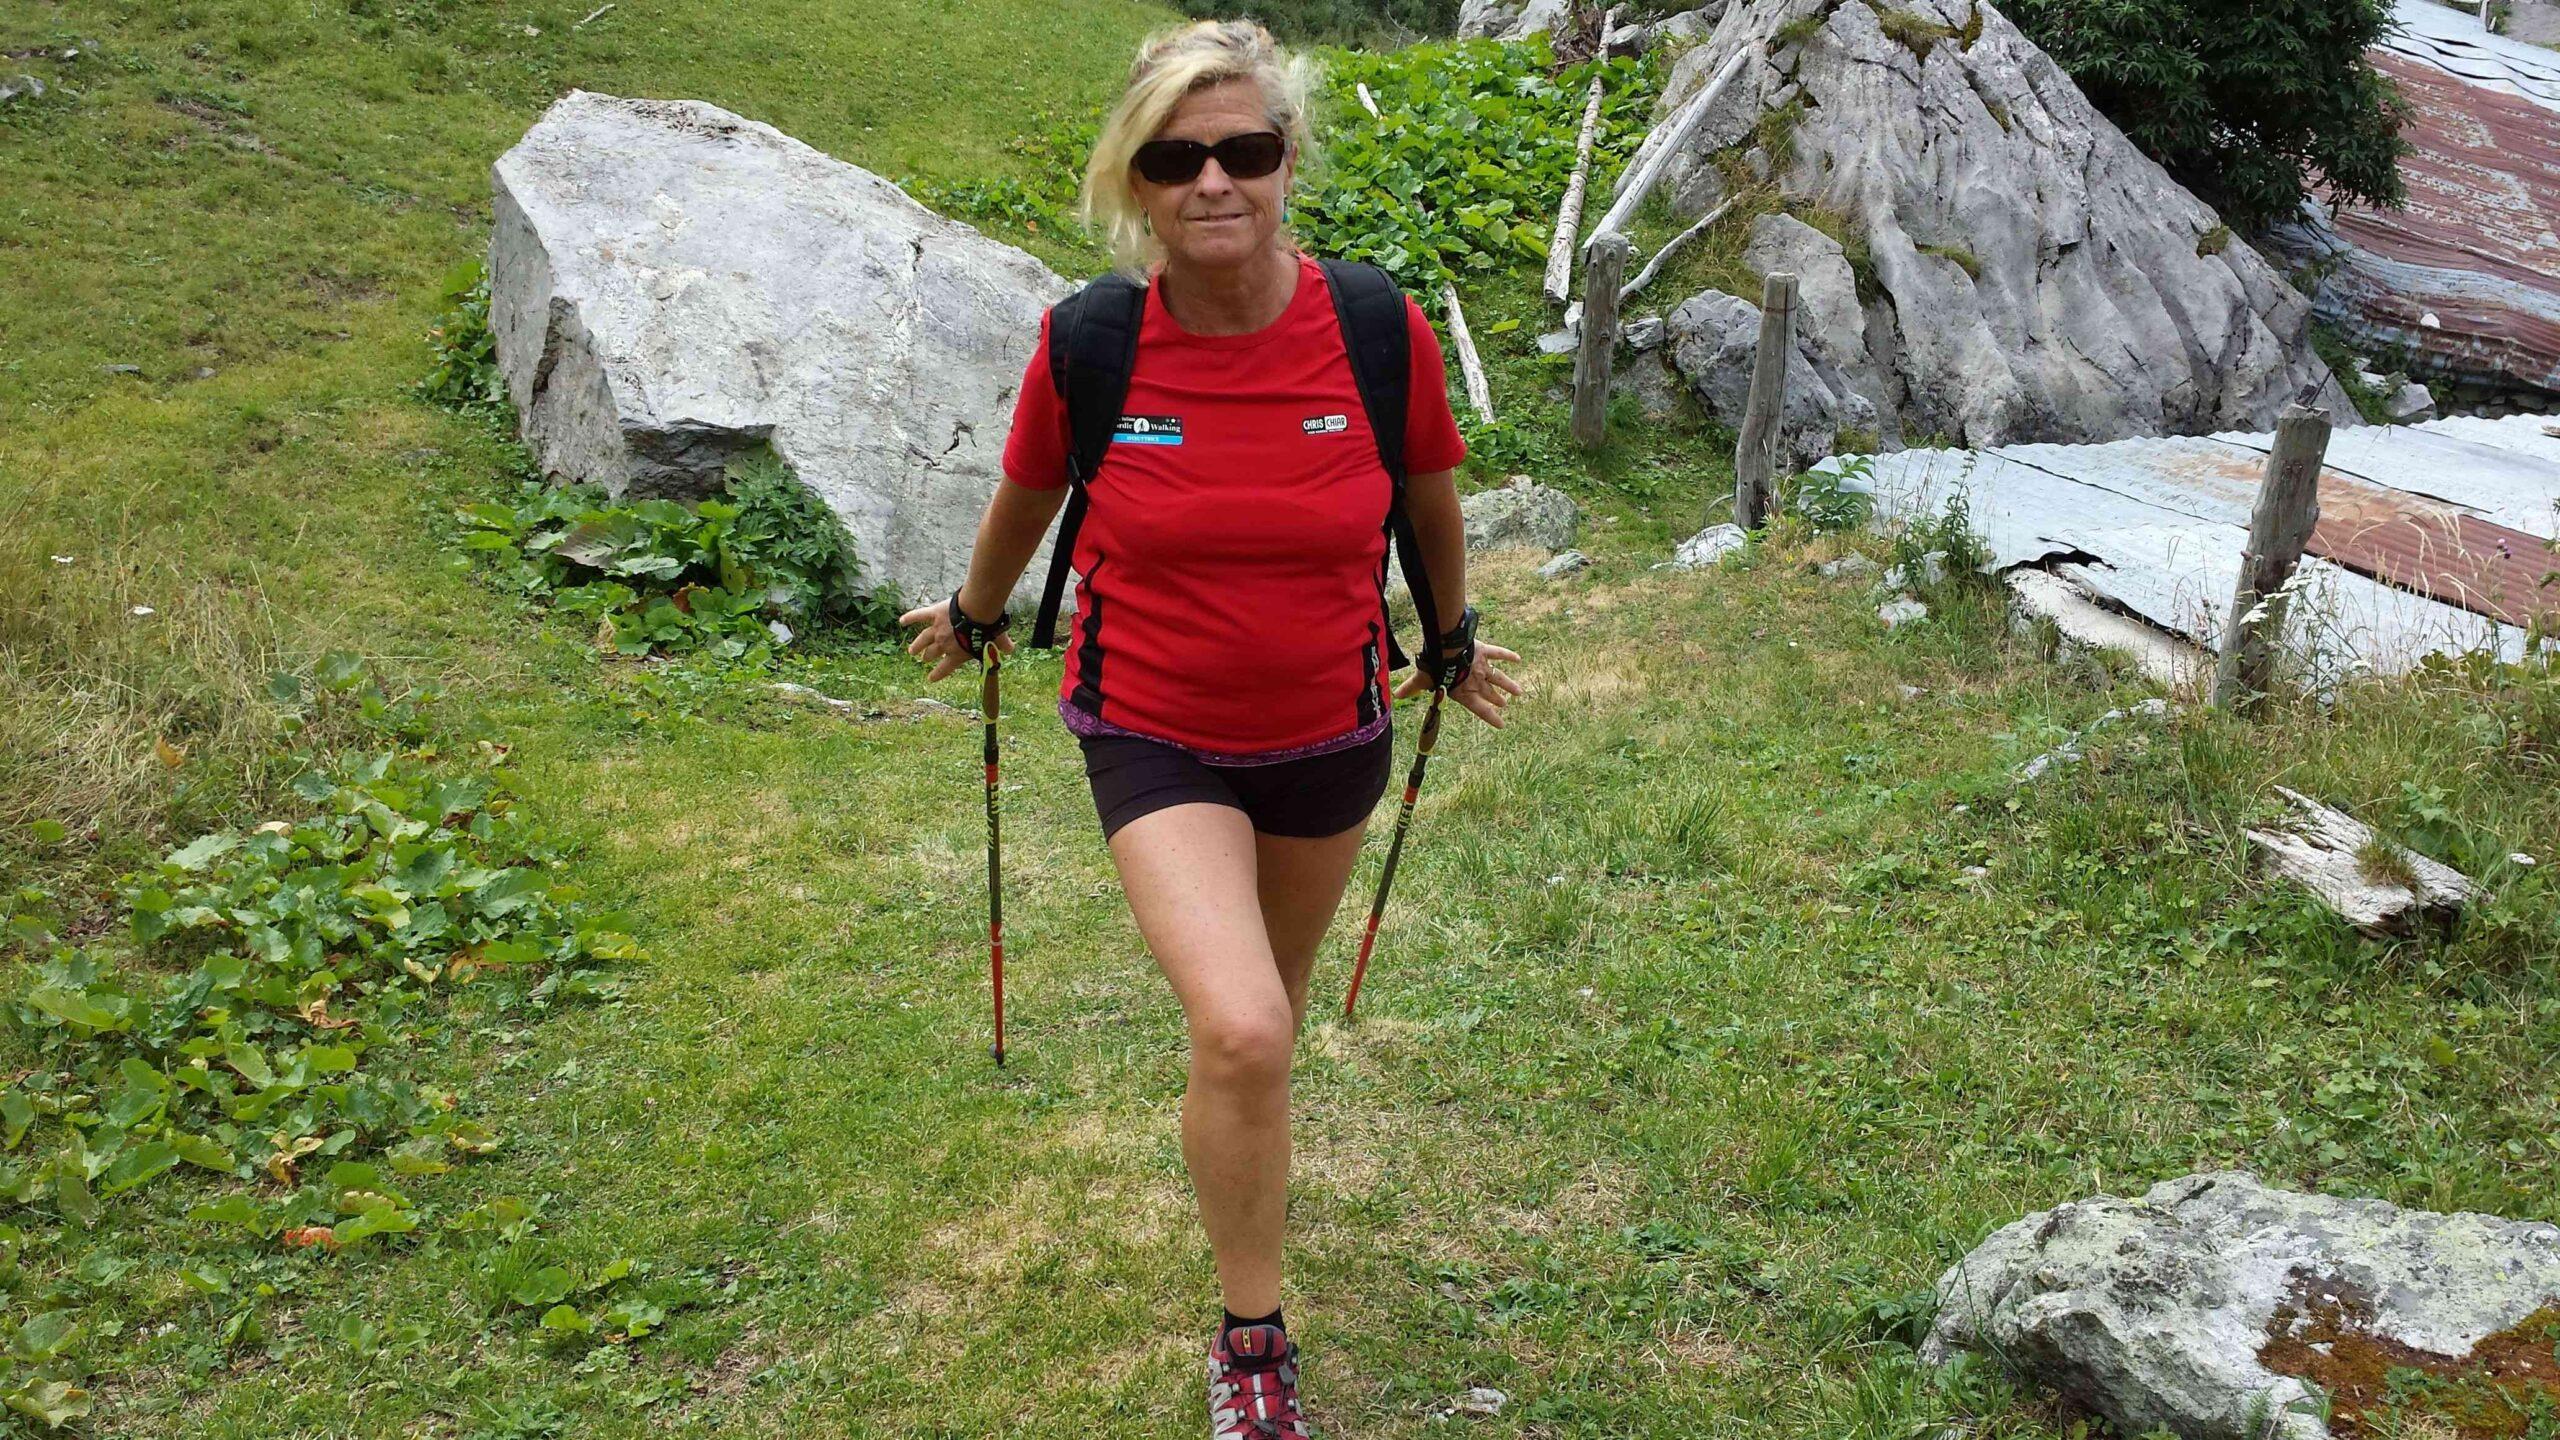 Nordic Walking - Alessandra Malga dei Buoi 15ago2013 (2)